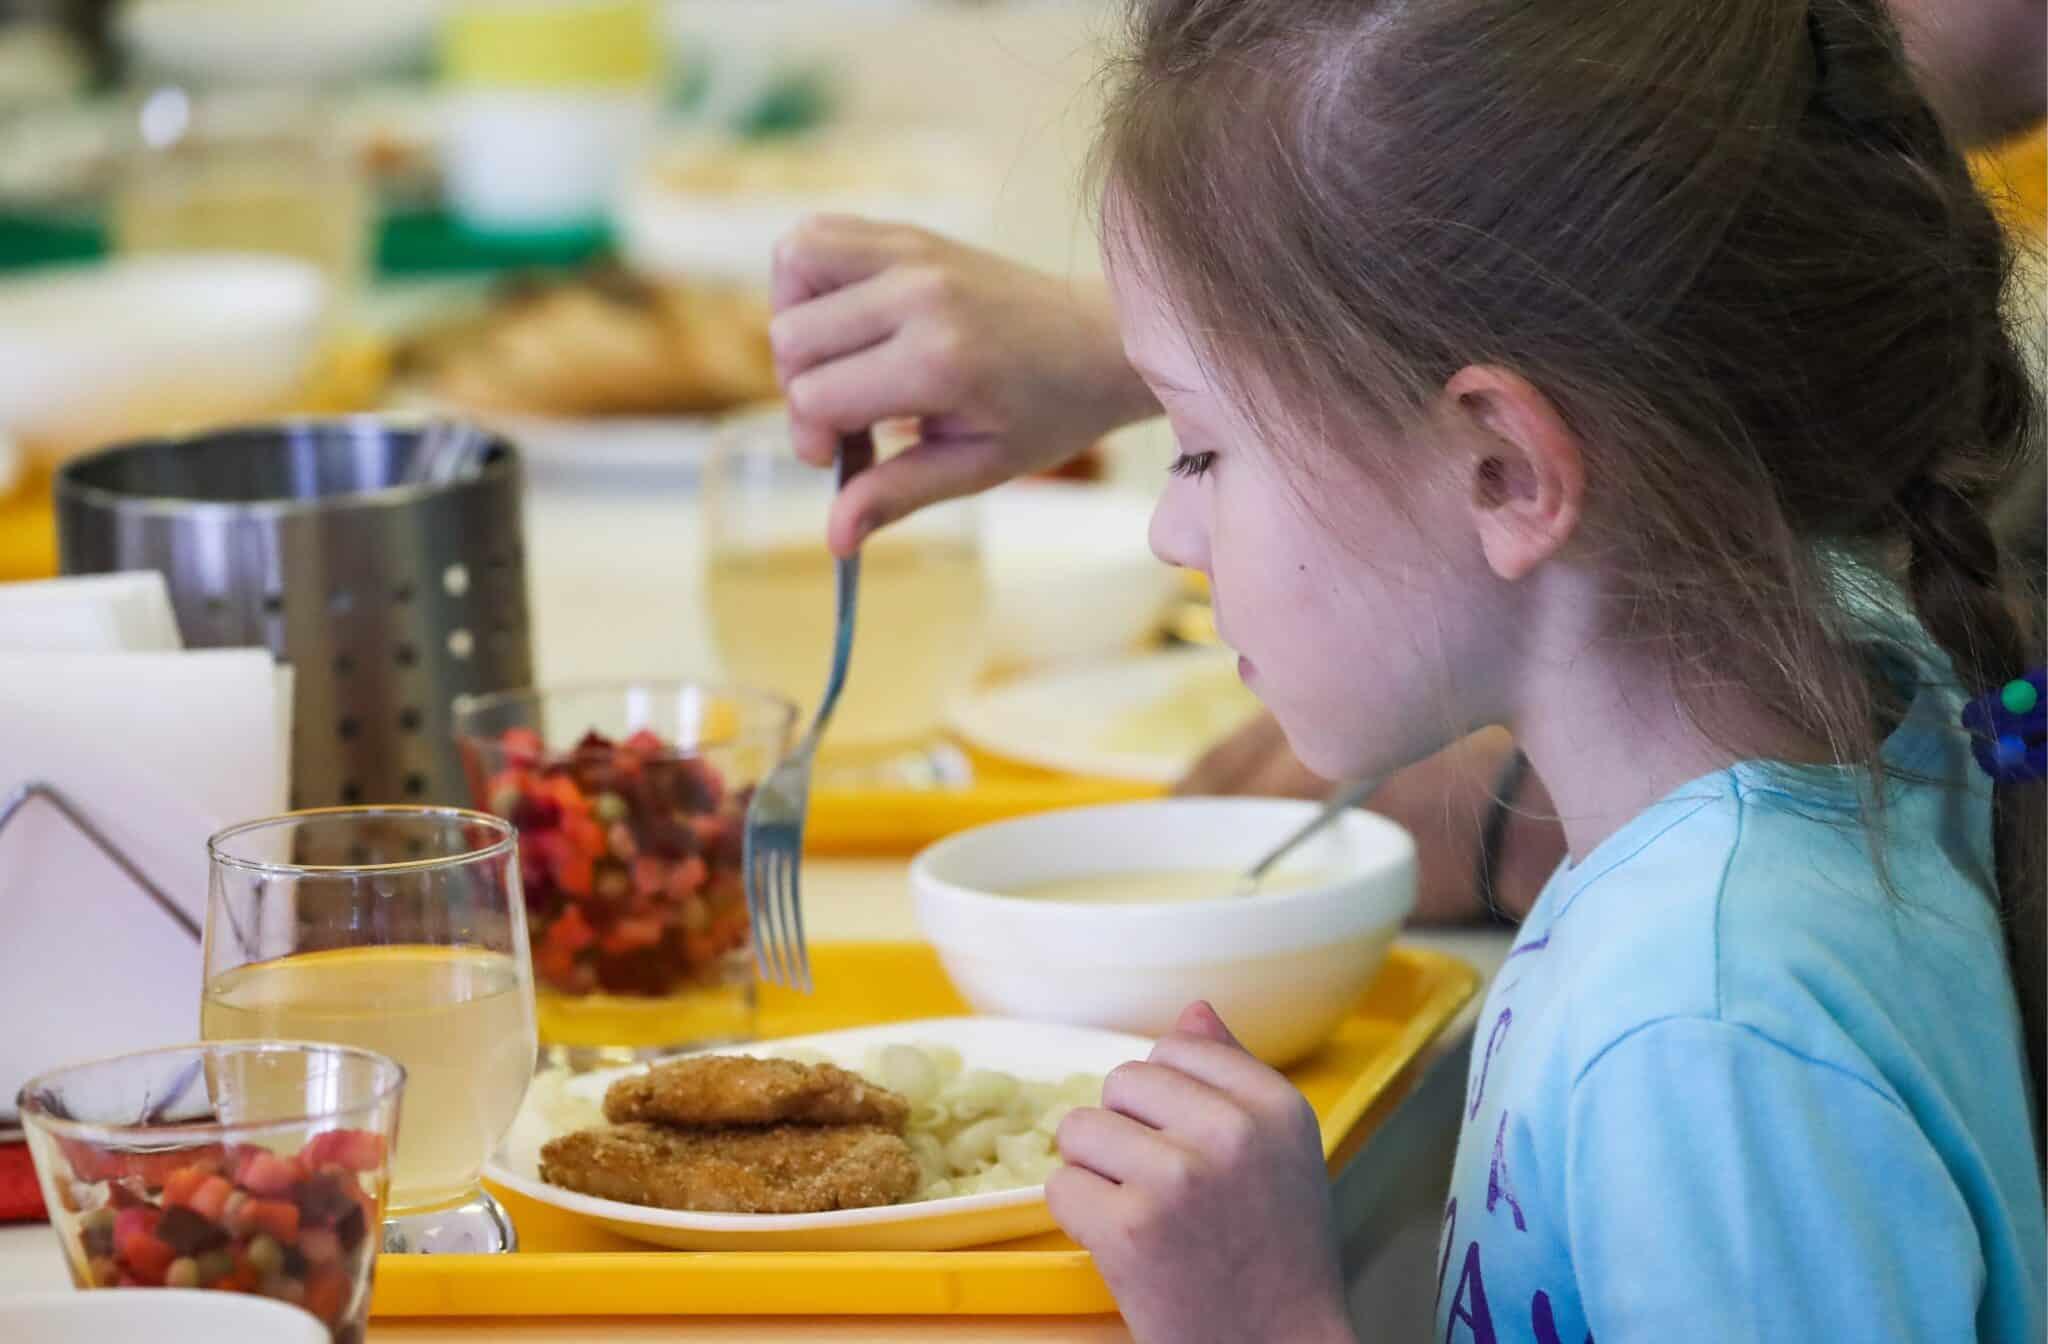 Закон о школьном питании в 2019 году: запрет приносить еду в школу, бесплатное питание для начальных классов